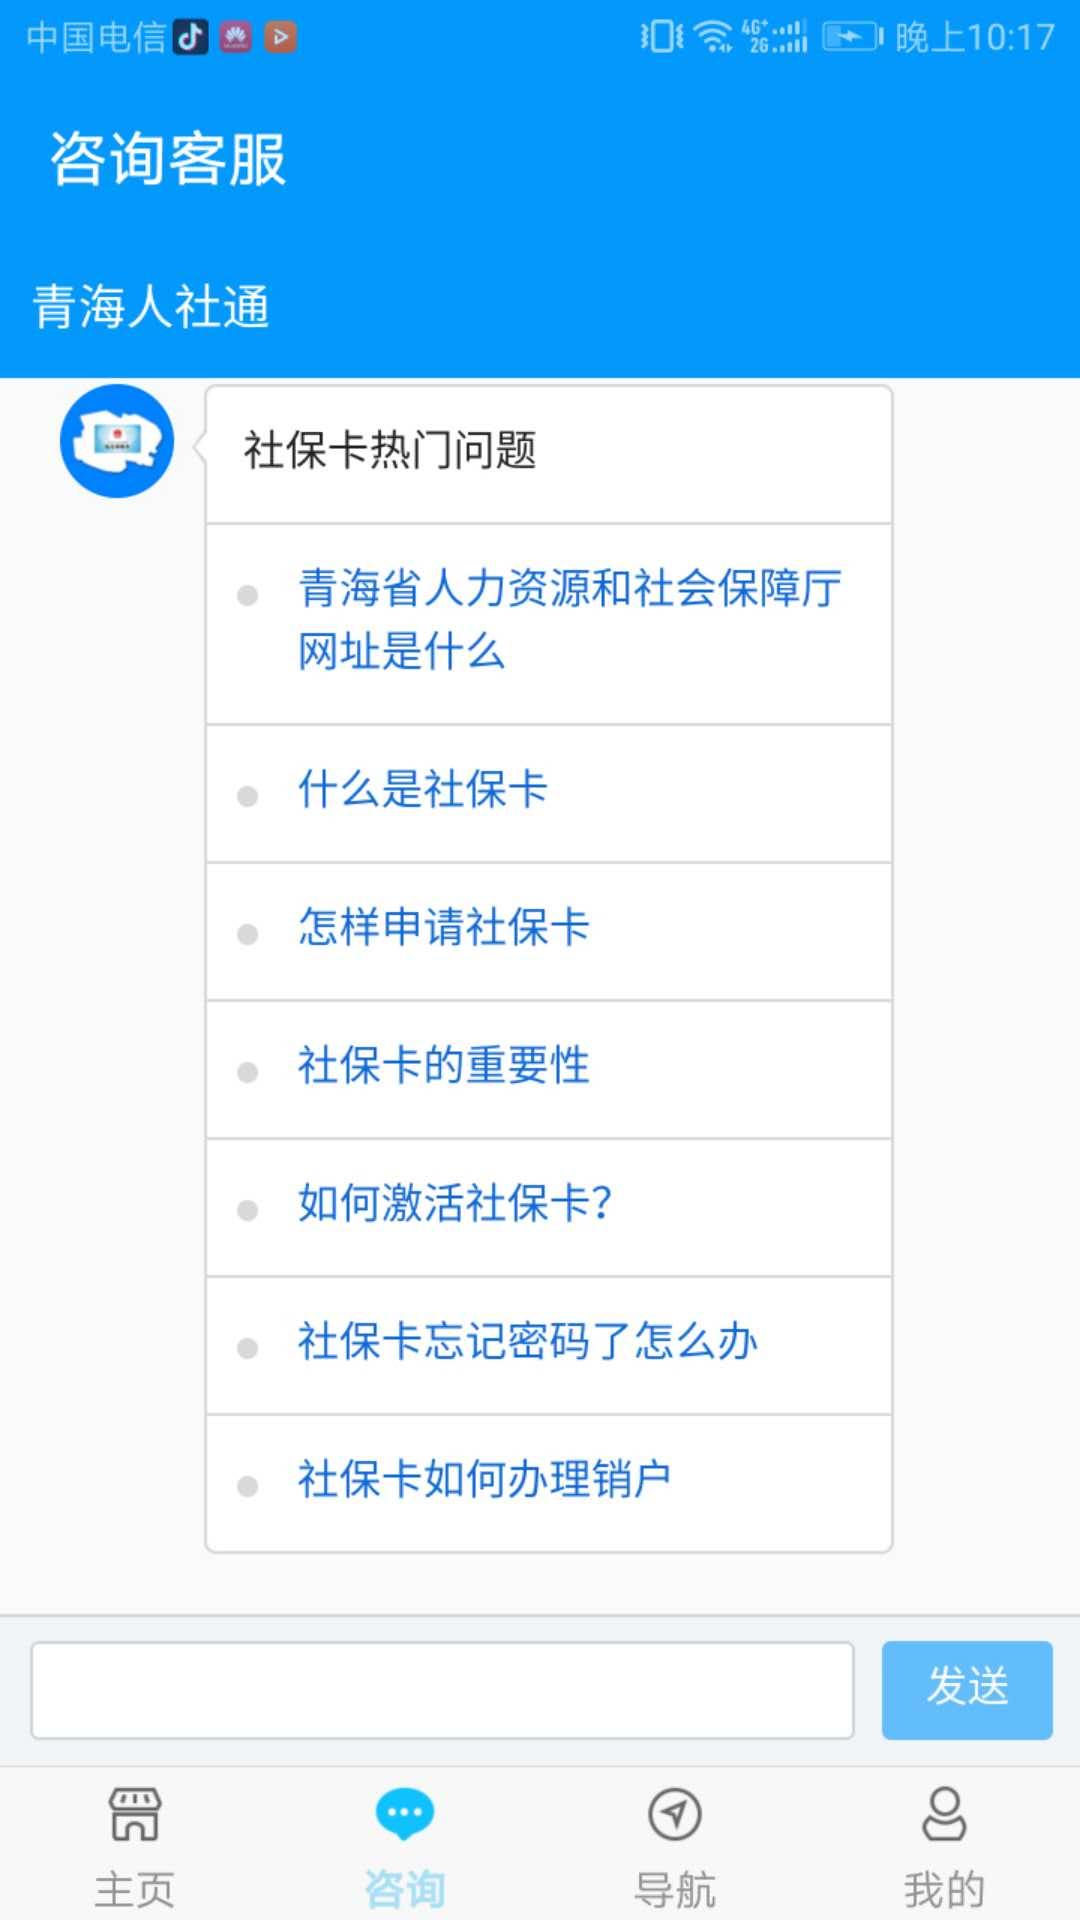 青海人社通截图(5)